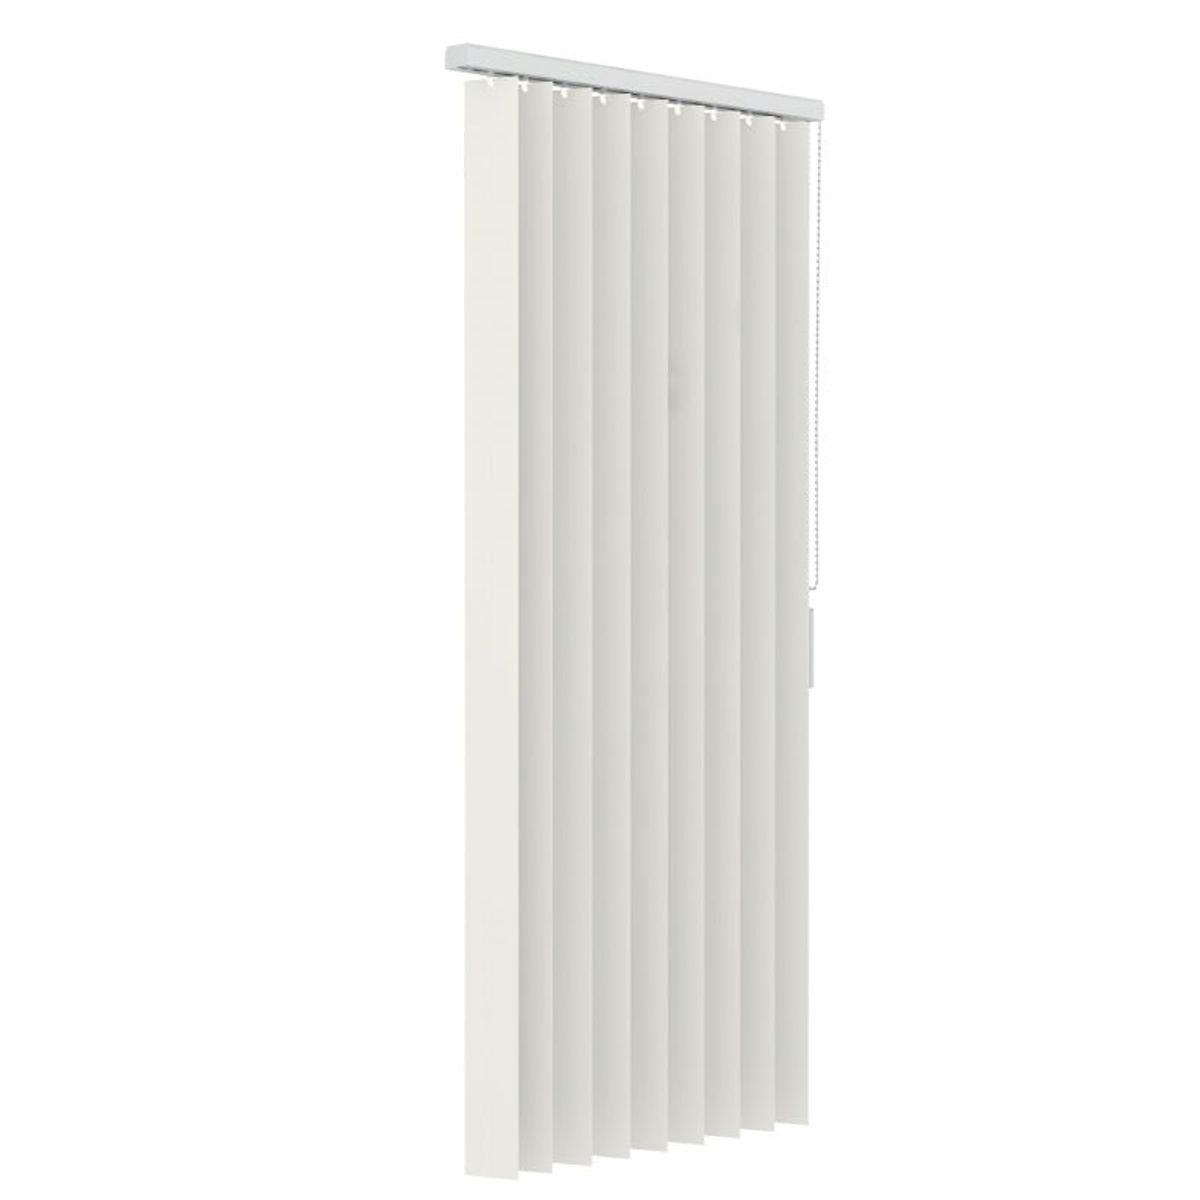 Verticale lamellen PVC 89mm - Gebroken wit - 250cm x 180cm